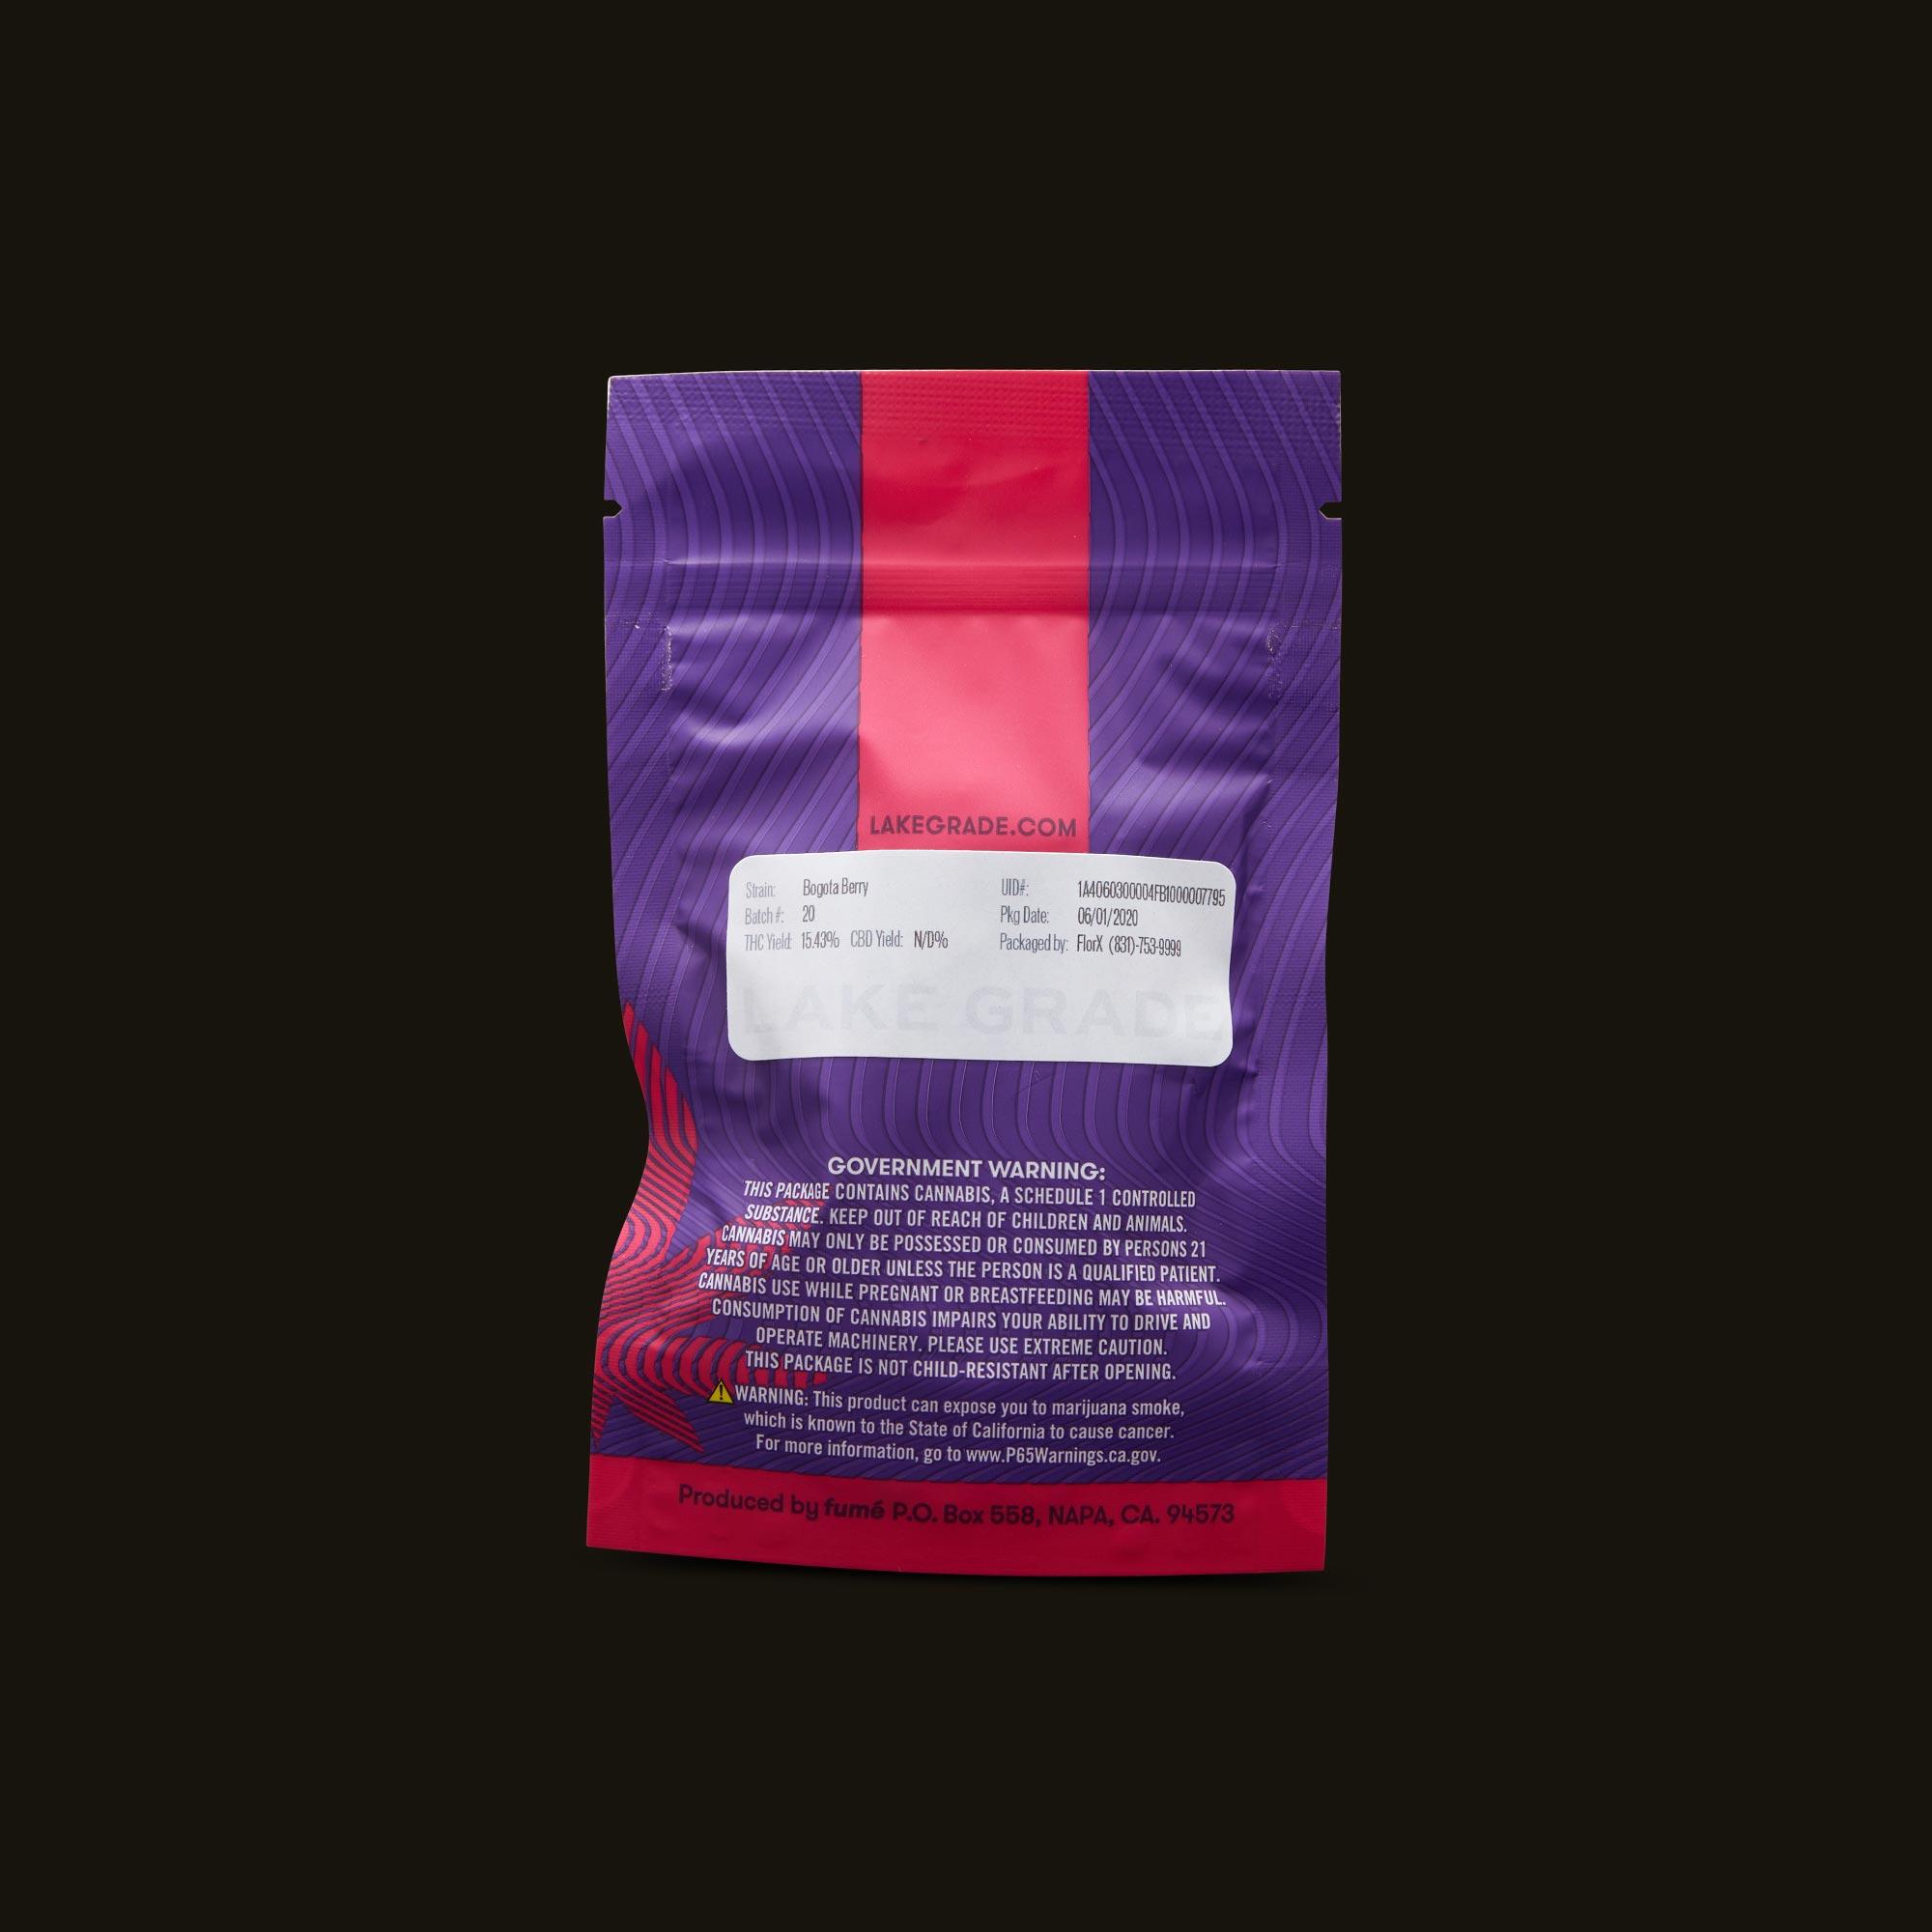 Lakegrade Bogota Berry Back Packaging